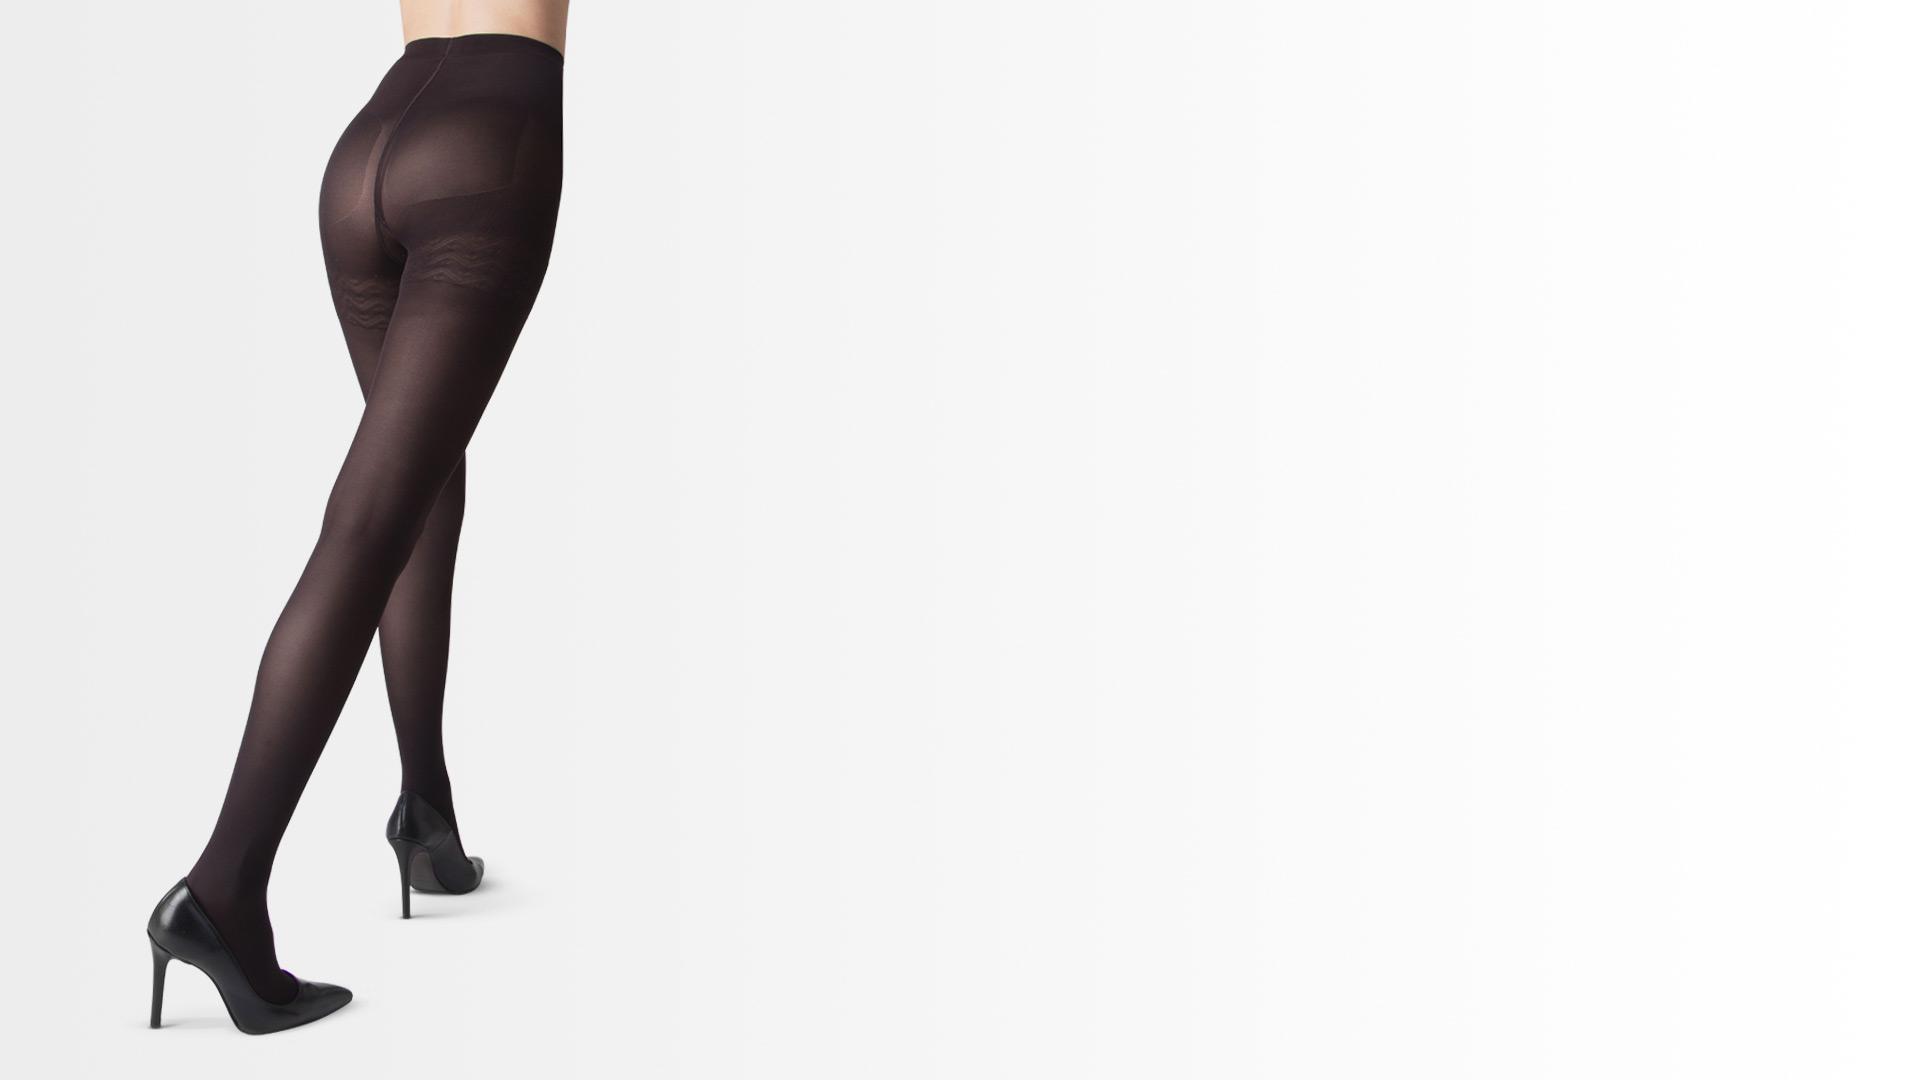 vendita più calda prezzo limitato Sneakers 2018 Calze donna terapeutiche per la cura di problemi venosi e ...